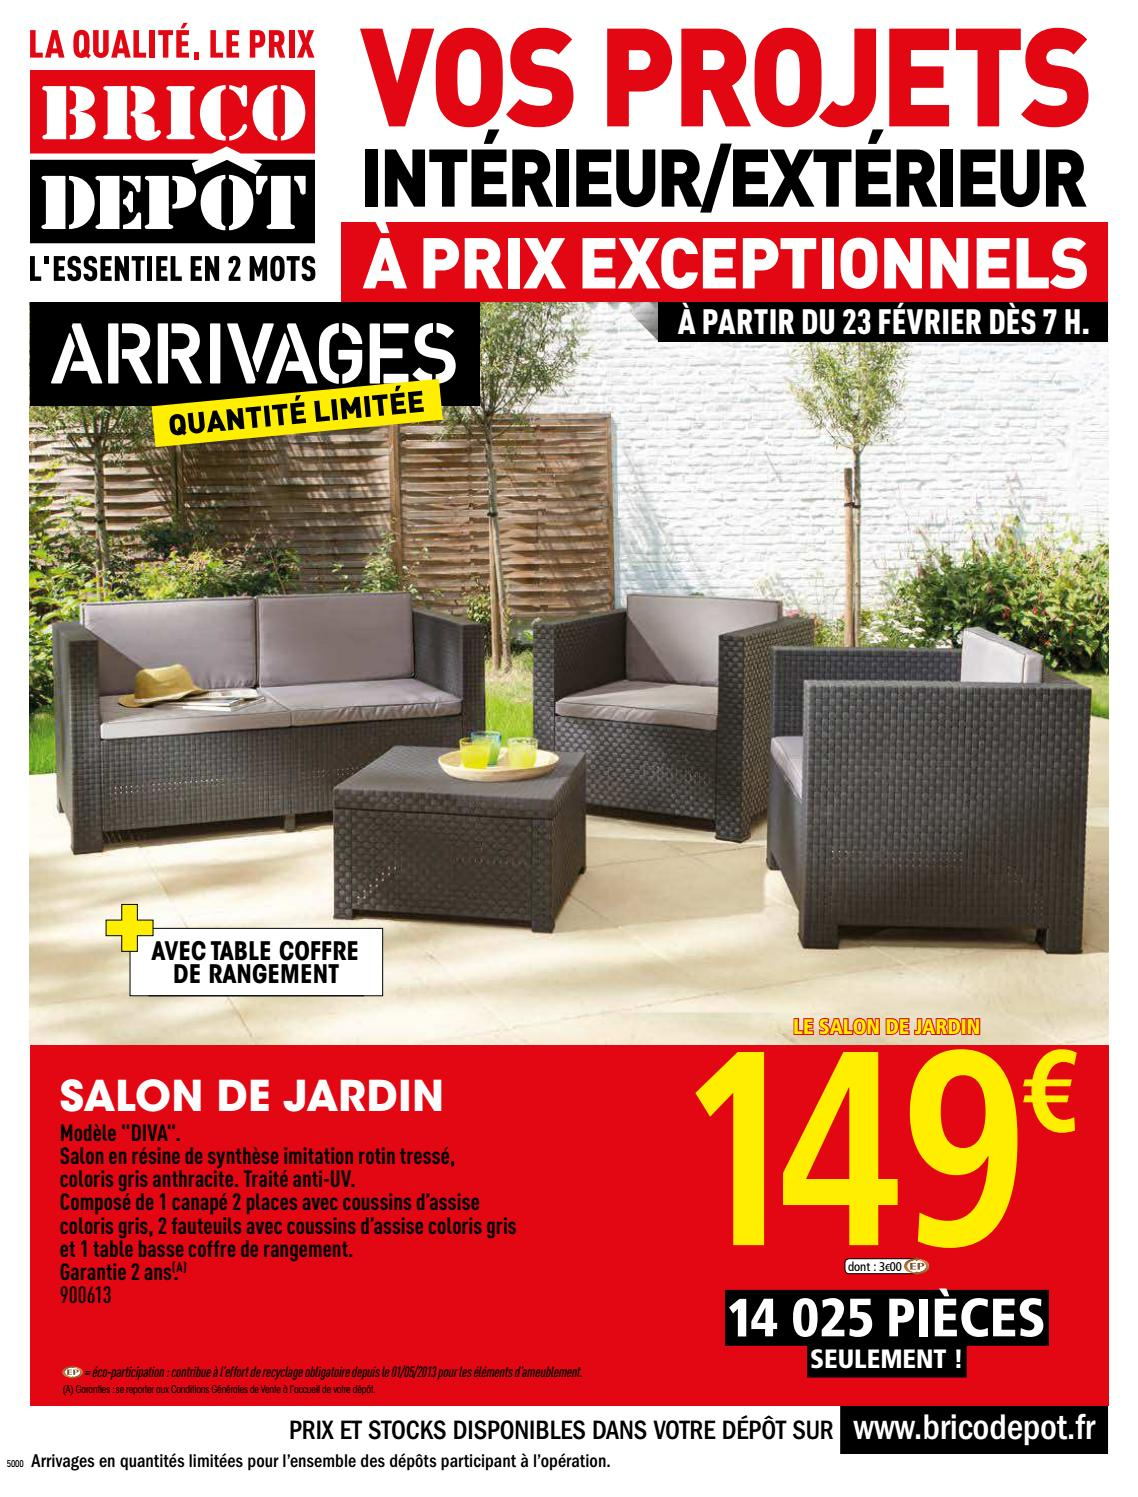 Dep230218 1 By Jan Deo - Issuu à Regard Béton 50X50 Brico Dépôt